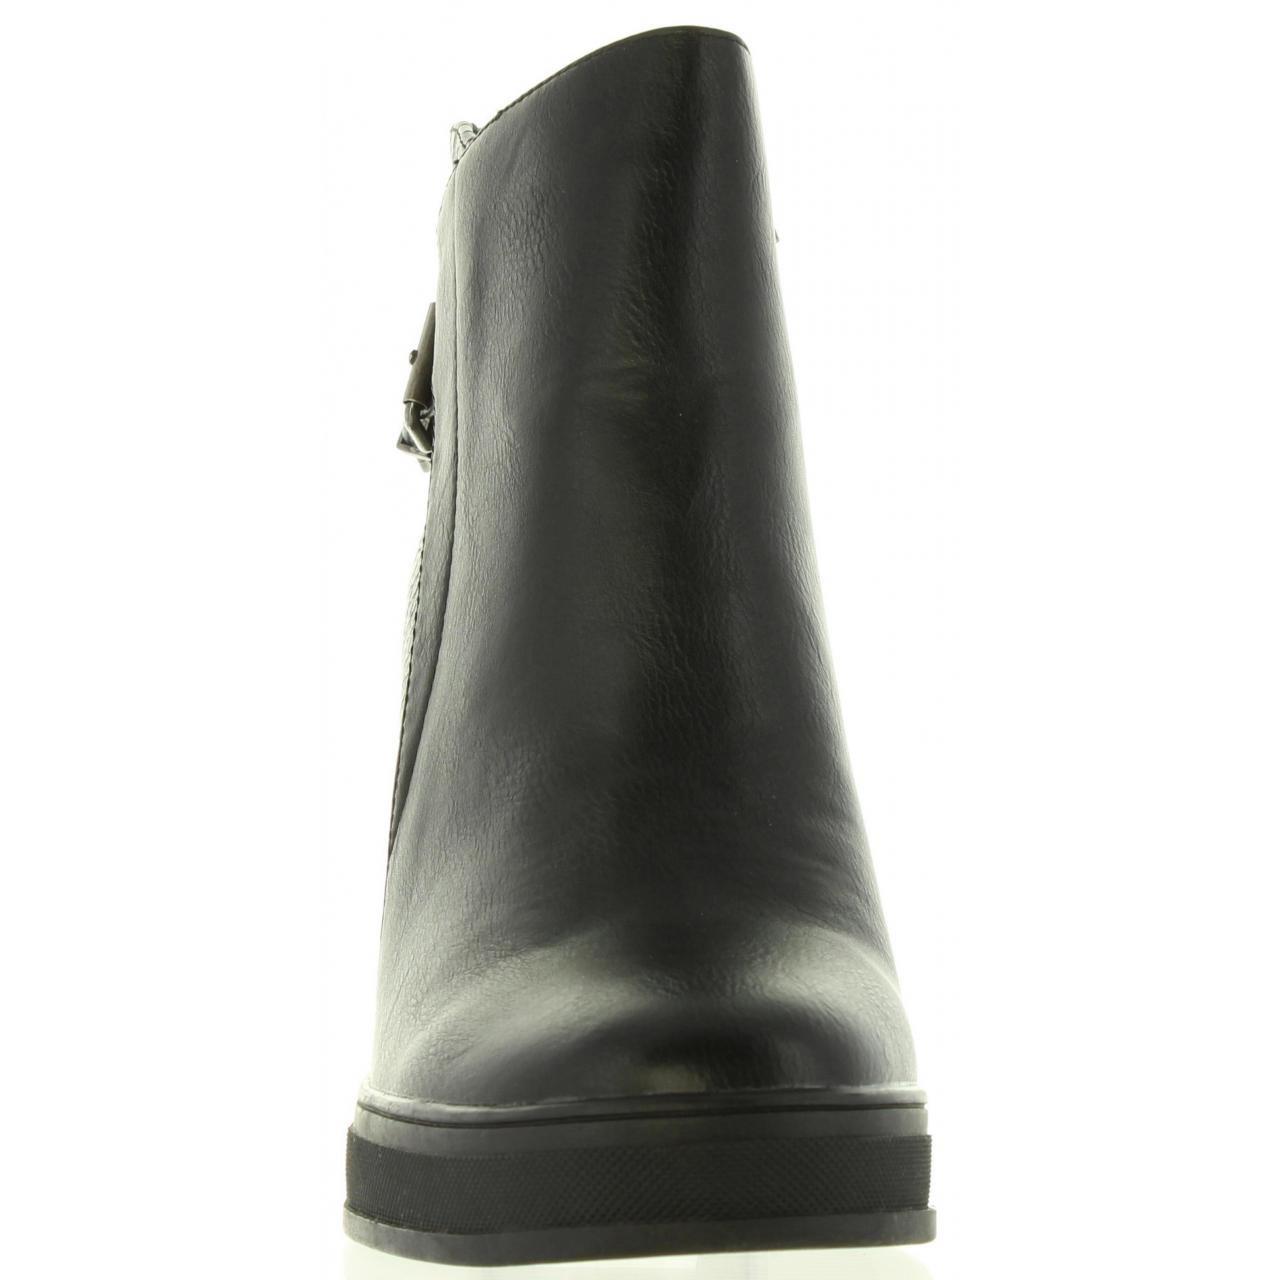 Botines de Mujer MARIA MARE 61398 C29397 NAPAL NEGRO Talla 41: Amazon.es: Zapatos y complementos